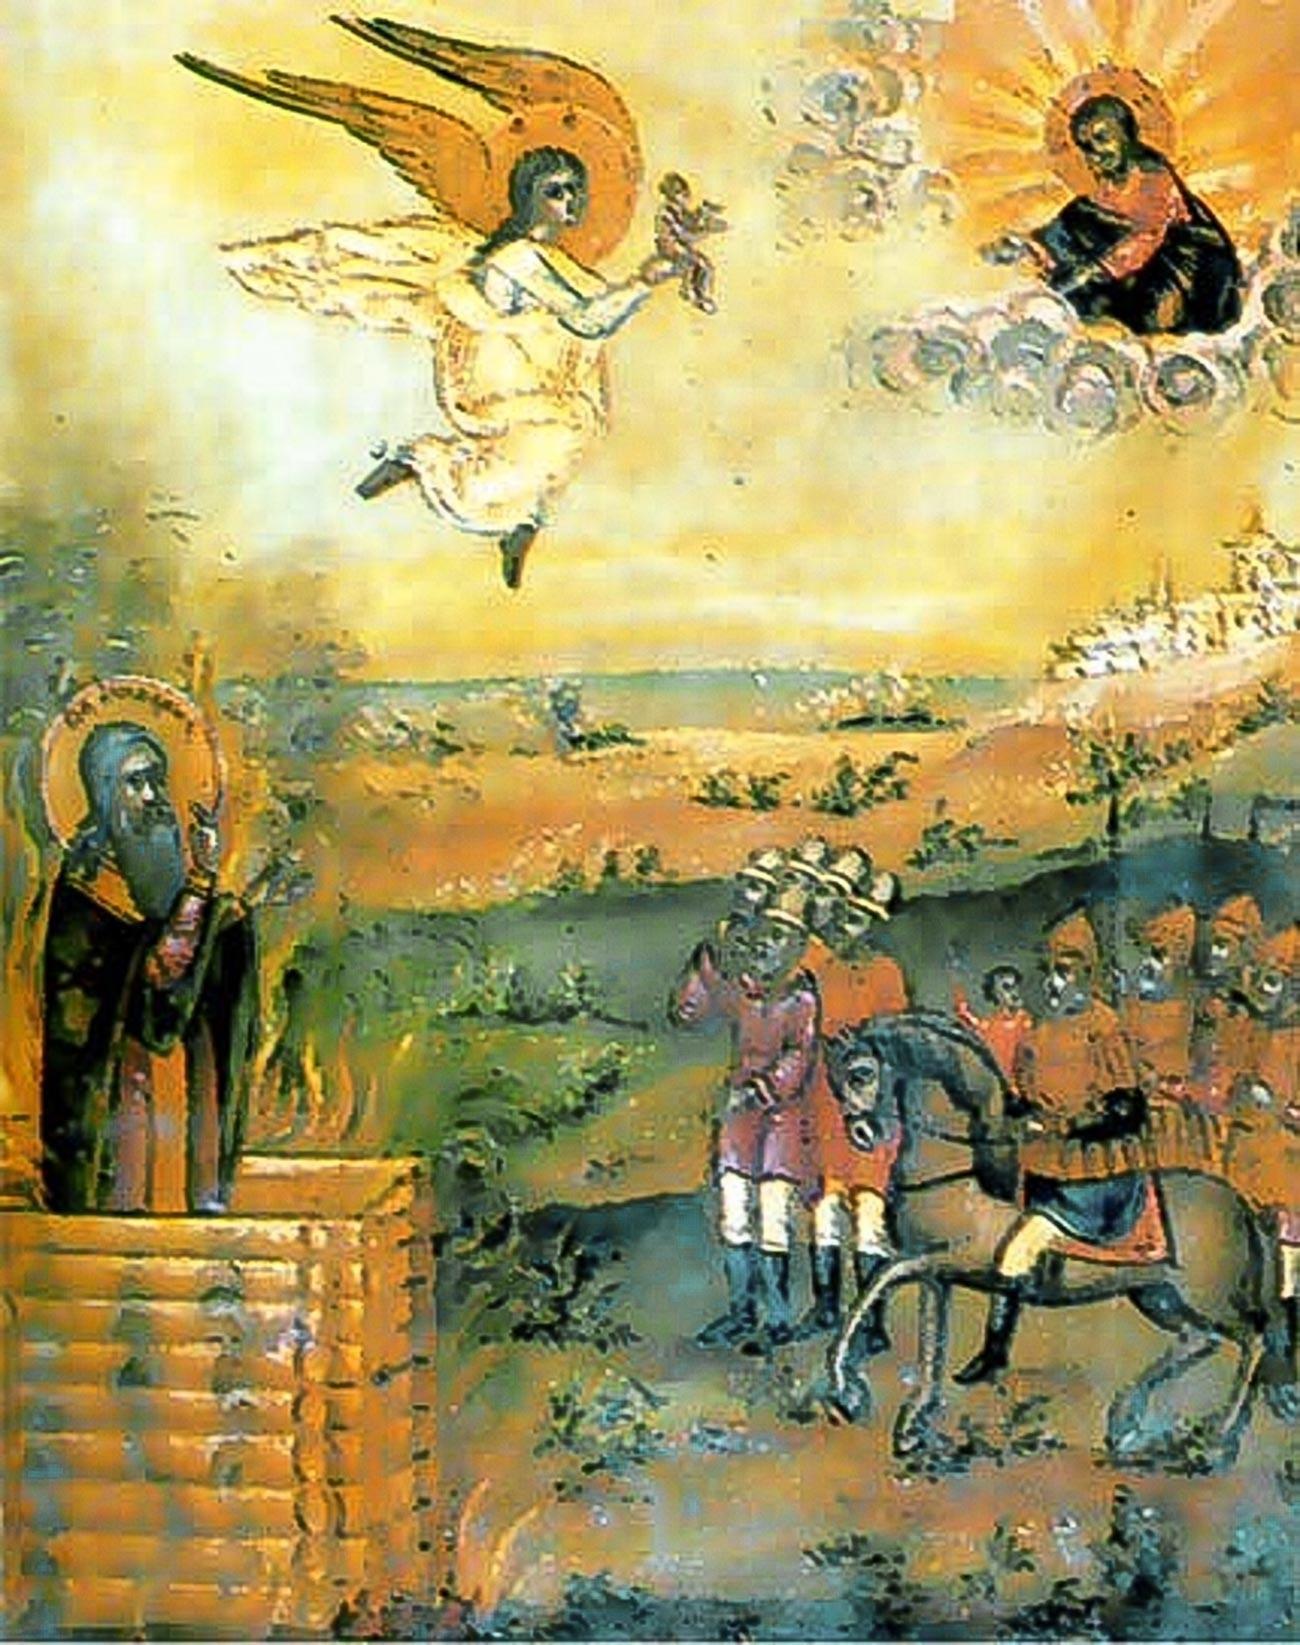 Kematian Avvakum, ikon penganut Kepercayaan Lama abad ke-19.